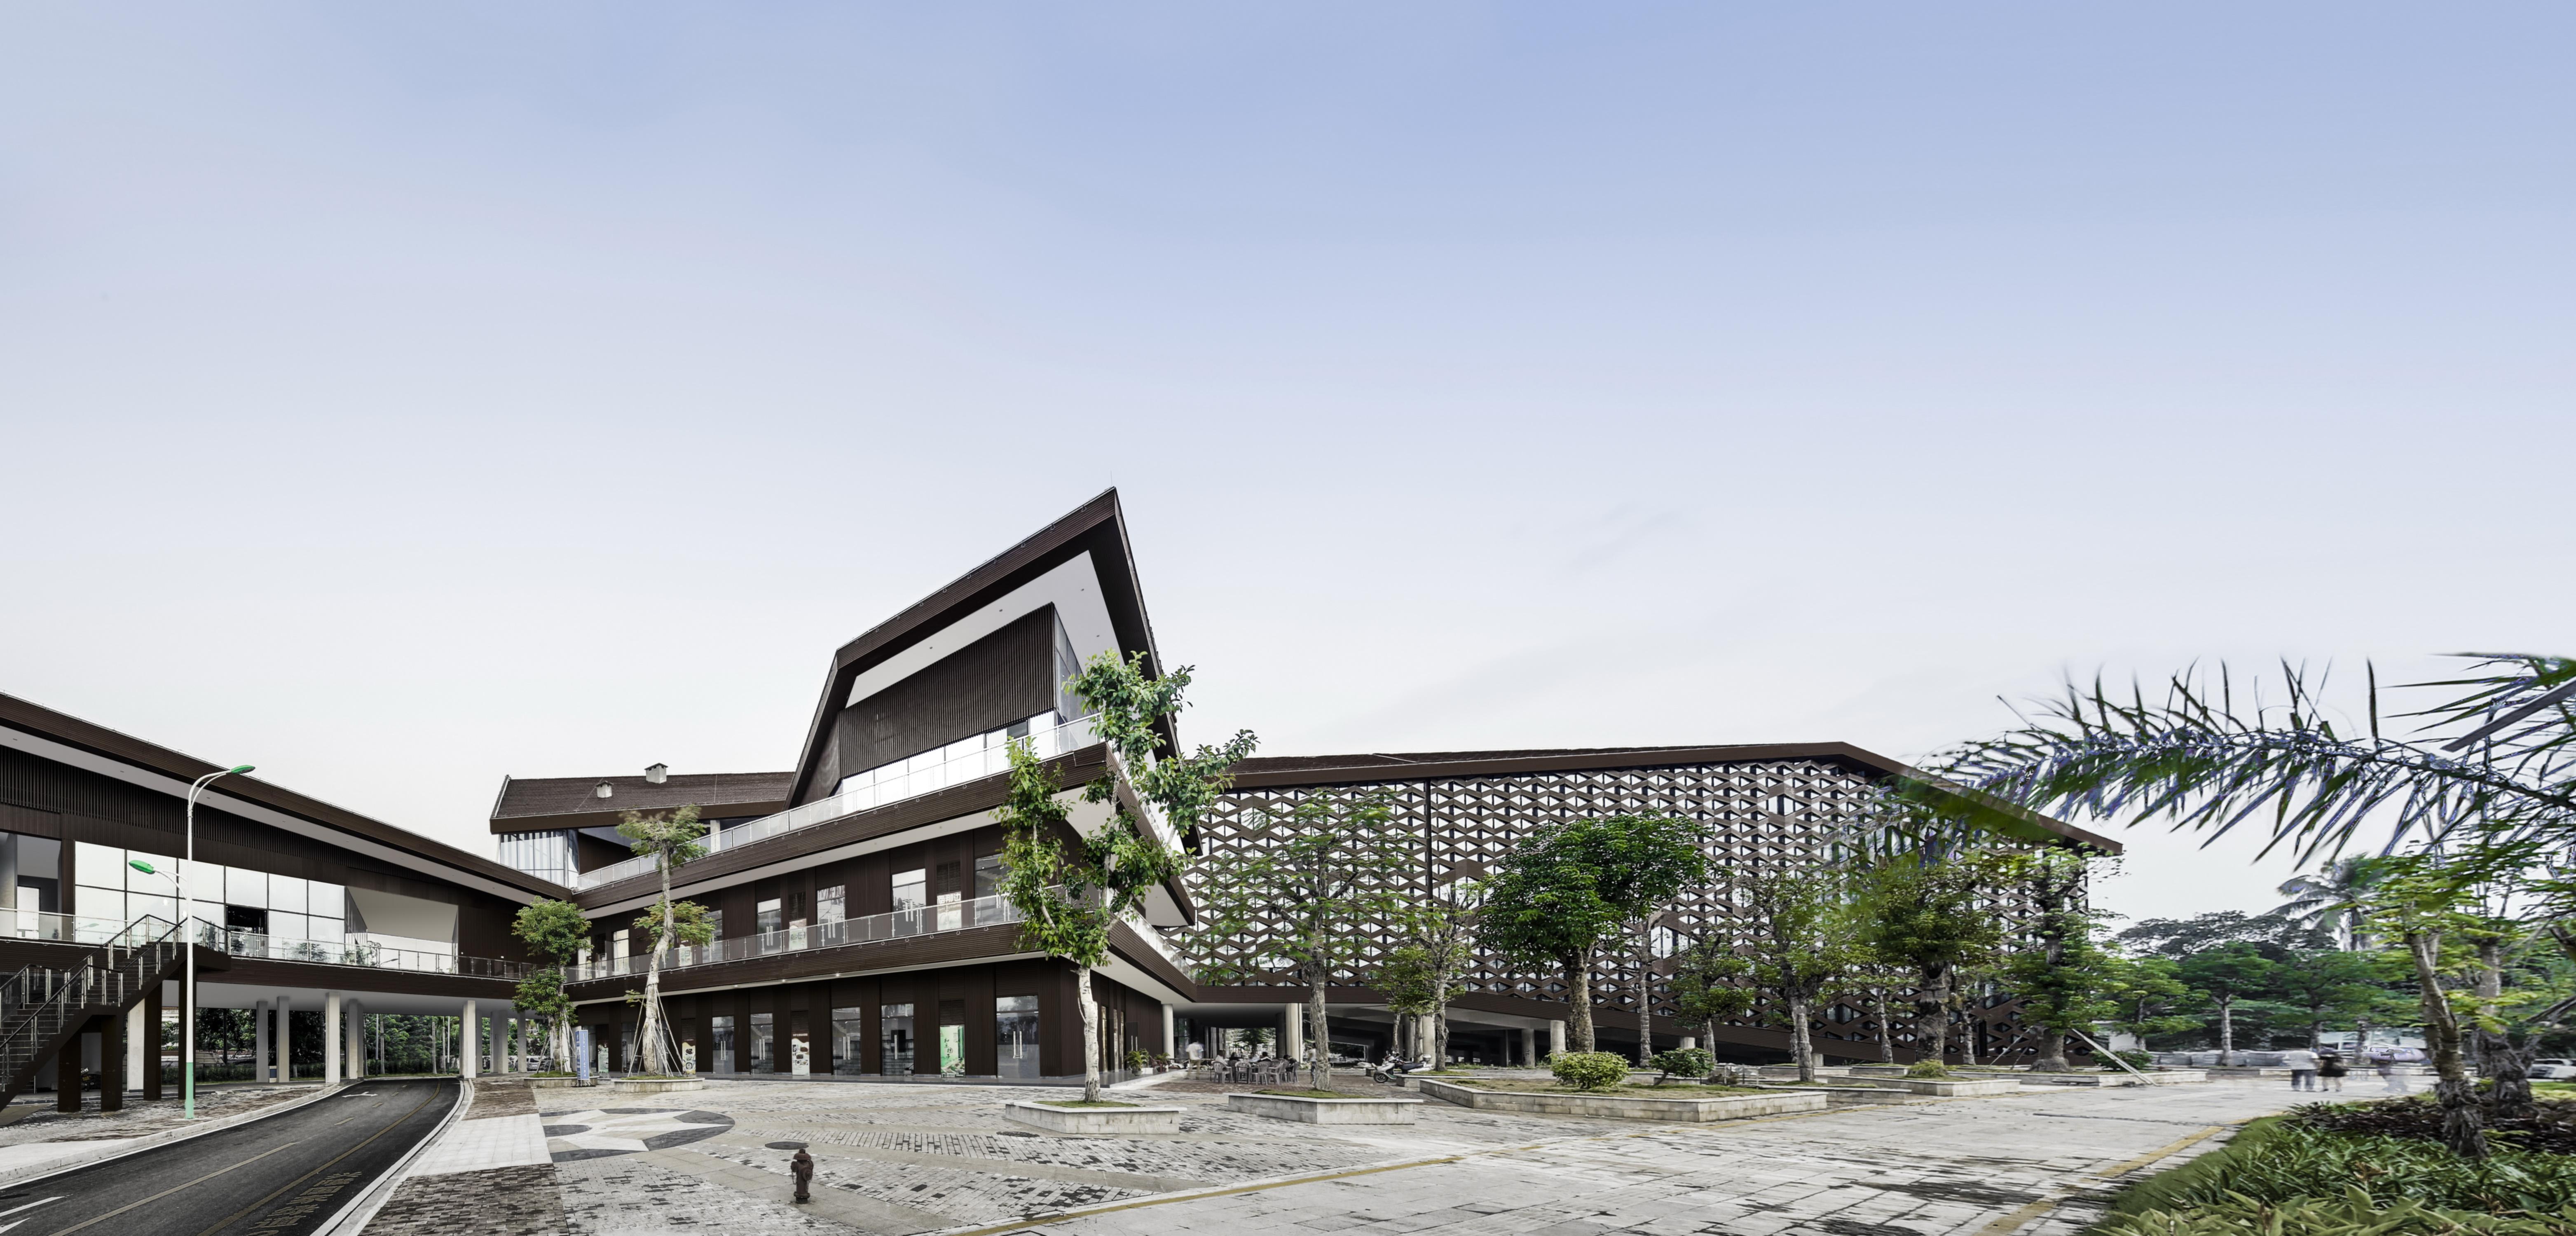 〔안정원의 디자인 칼럼〕 섬의 지역적 특색, 아열대 기후와 식생을 고려한 방문자센터 1